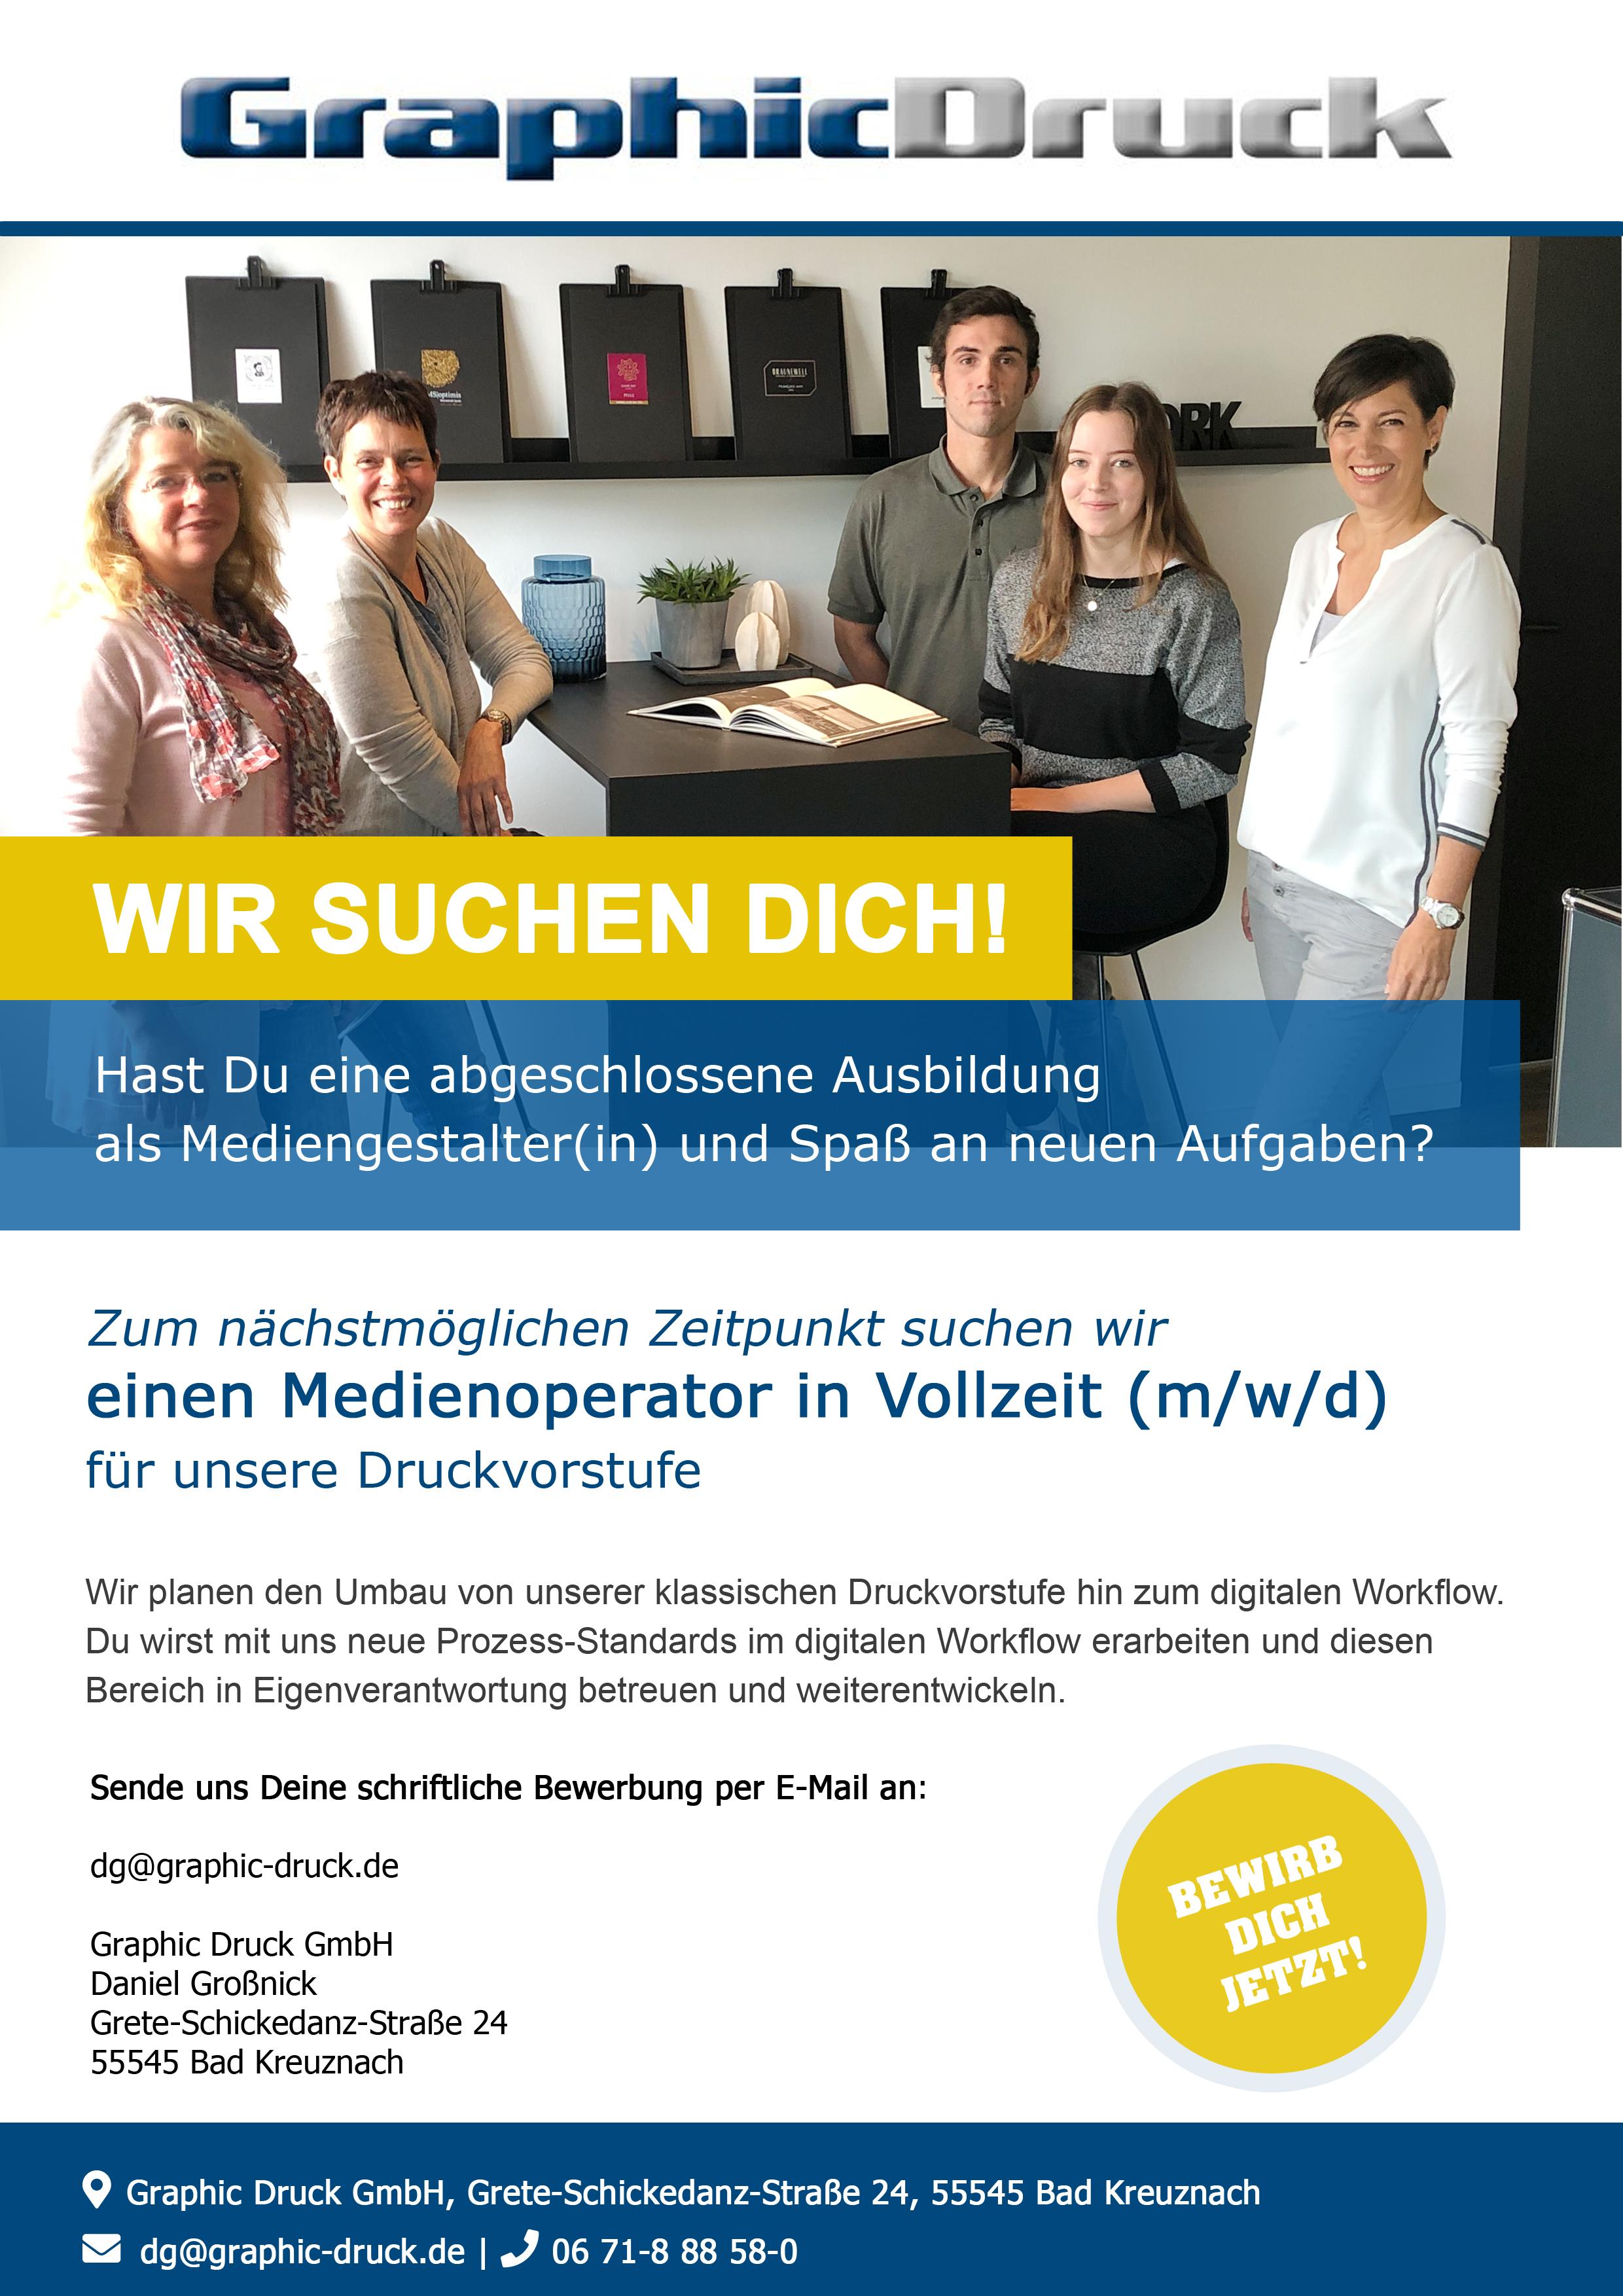 Wir suchen dich! - einen Medienoperator in Vollzeit (m/w/d)